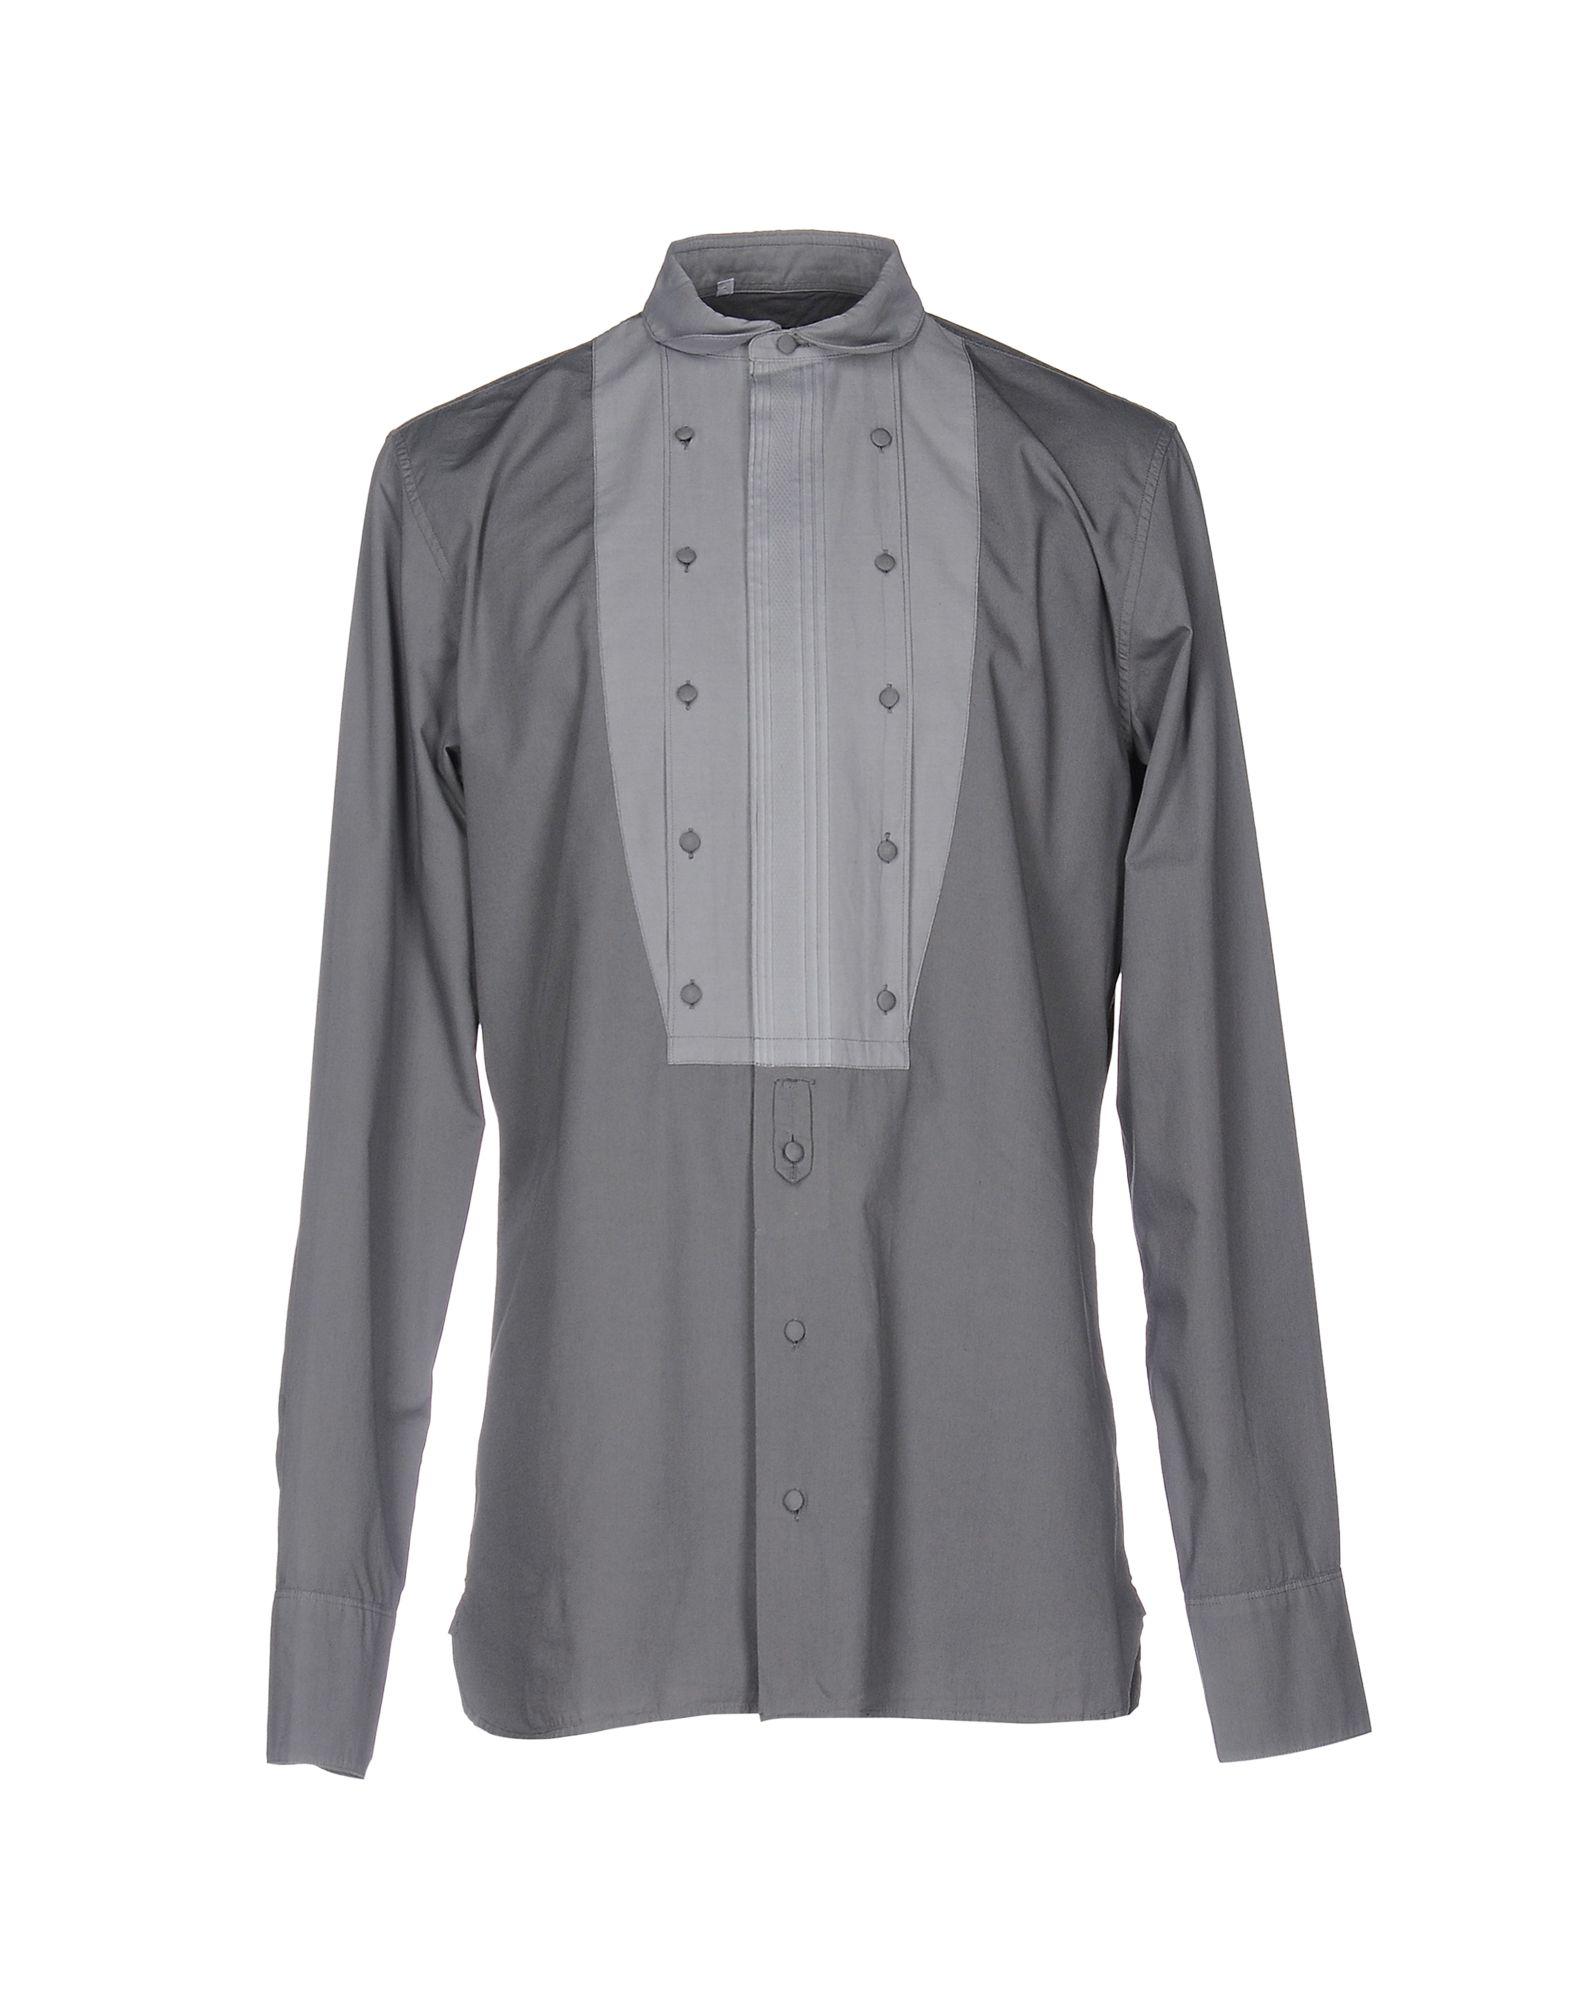 DOLCE & GABBANA Herren Hemd Farbe Grau Größe 6